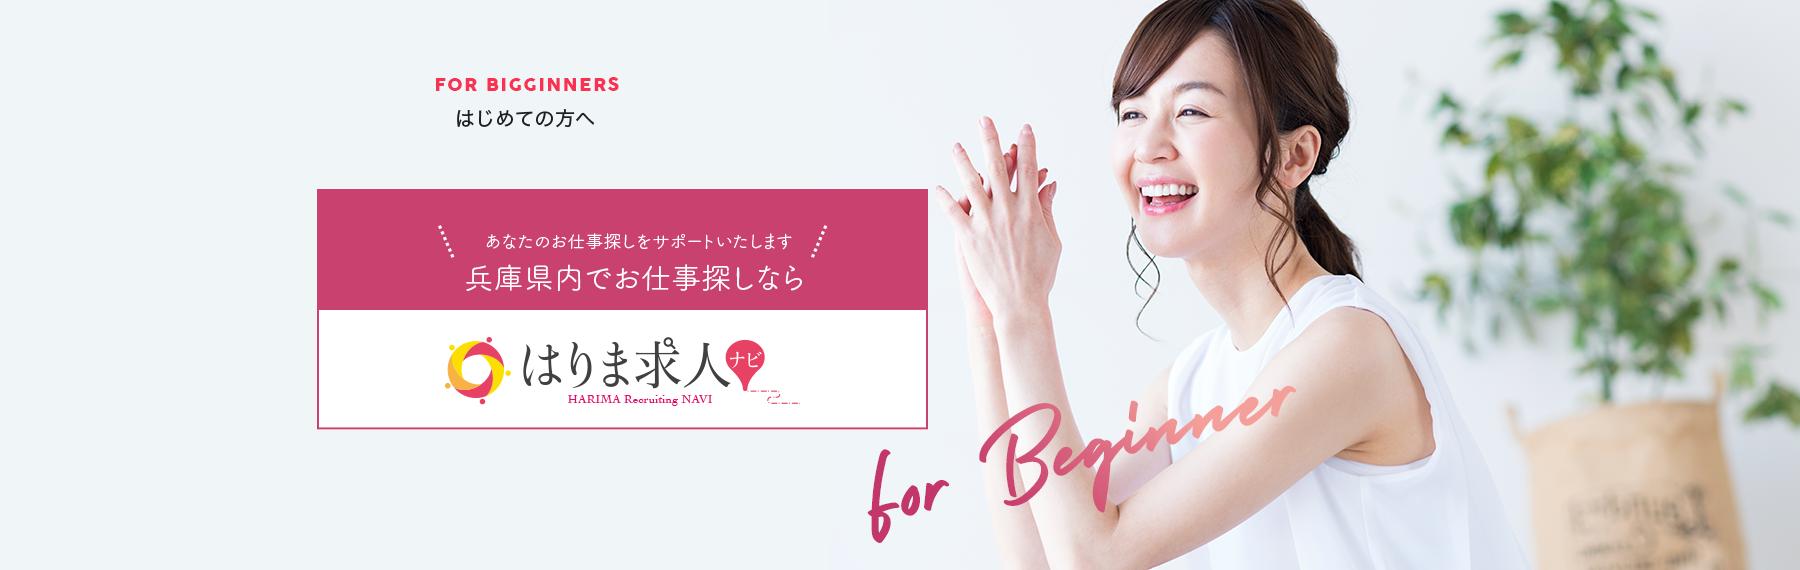 あなたのお仕事探しをサポートいたします。静岡県内でドライバーのお仕事探しなら はりま求人ナビ